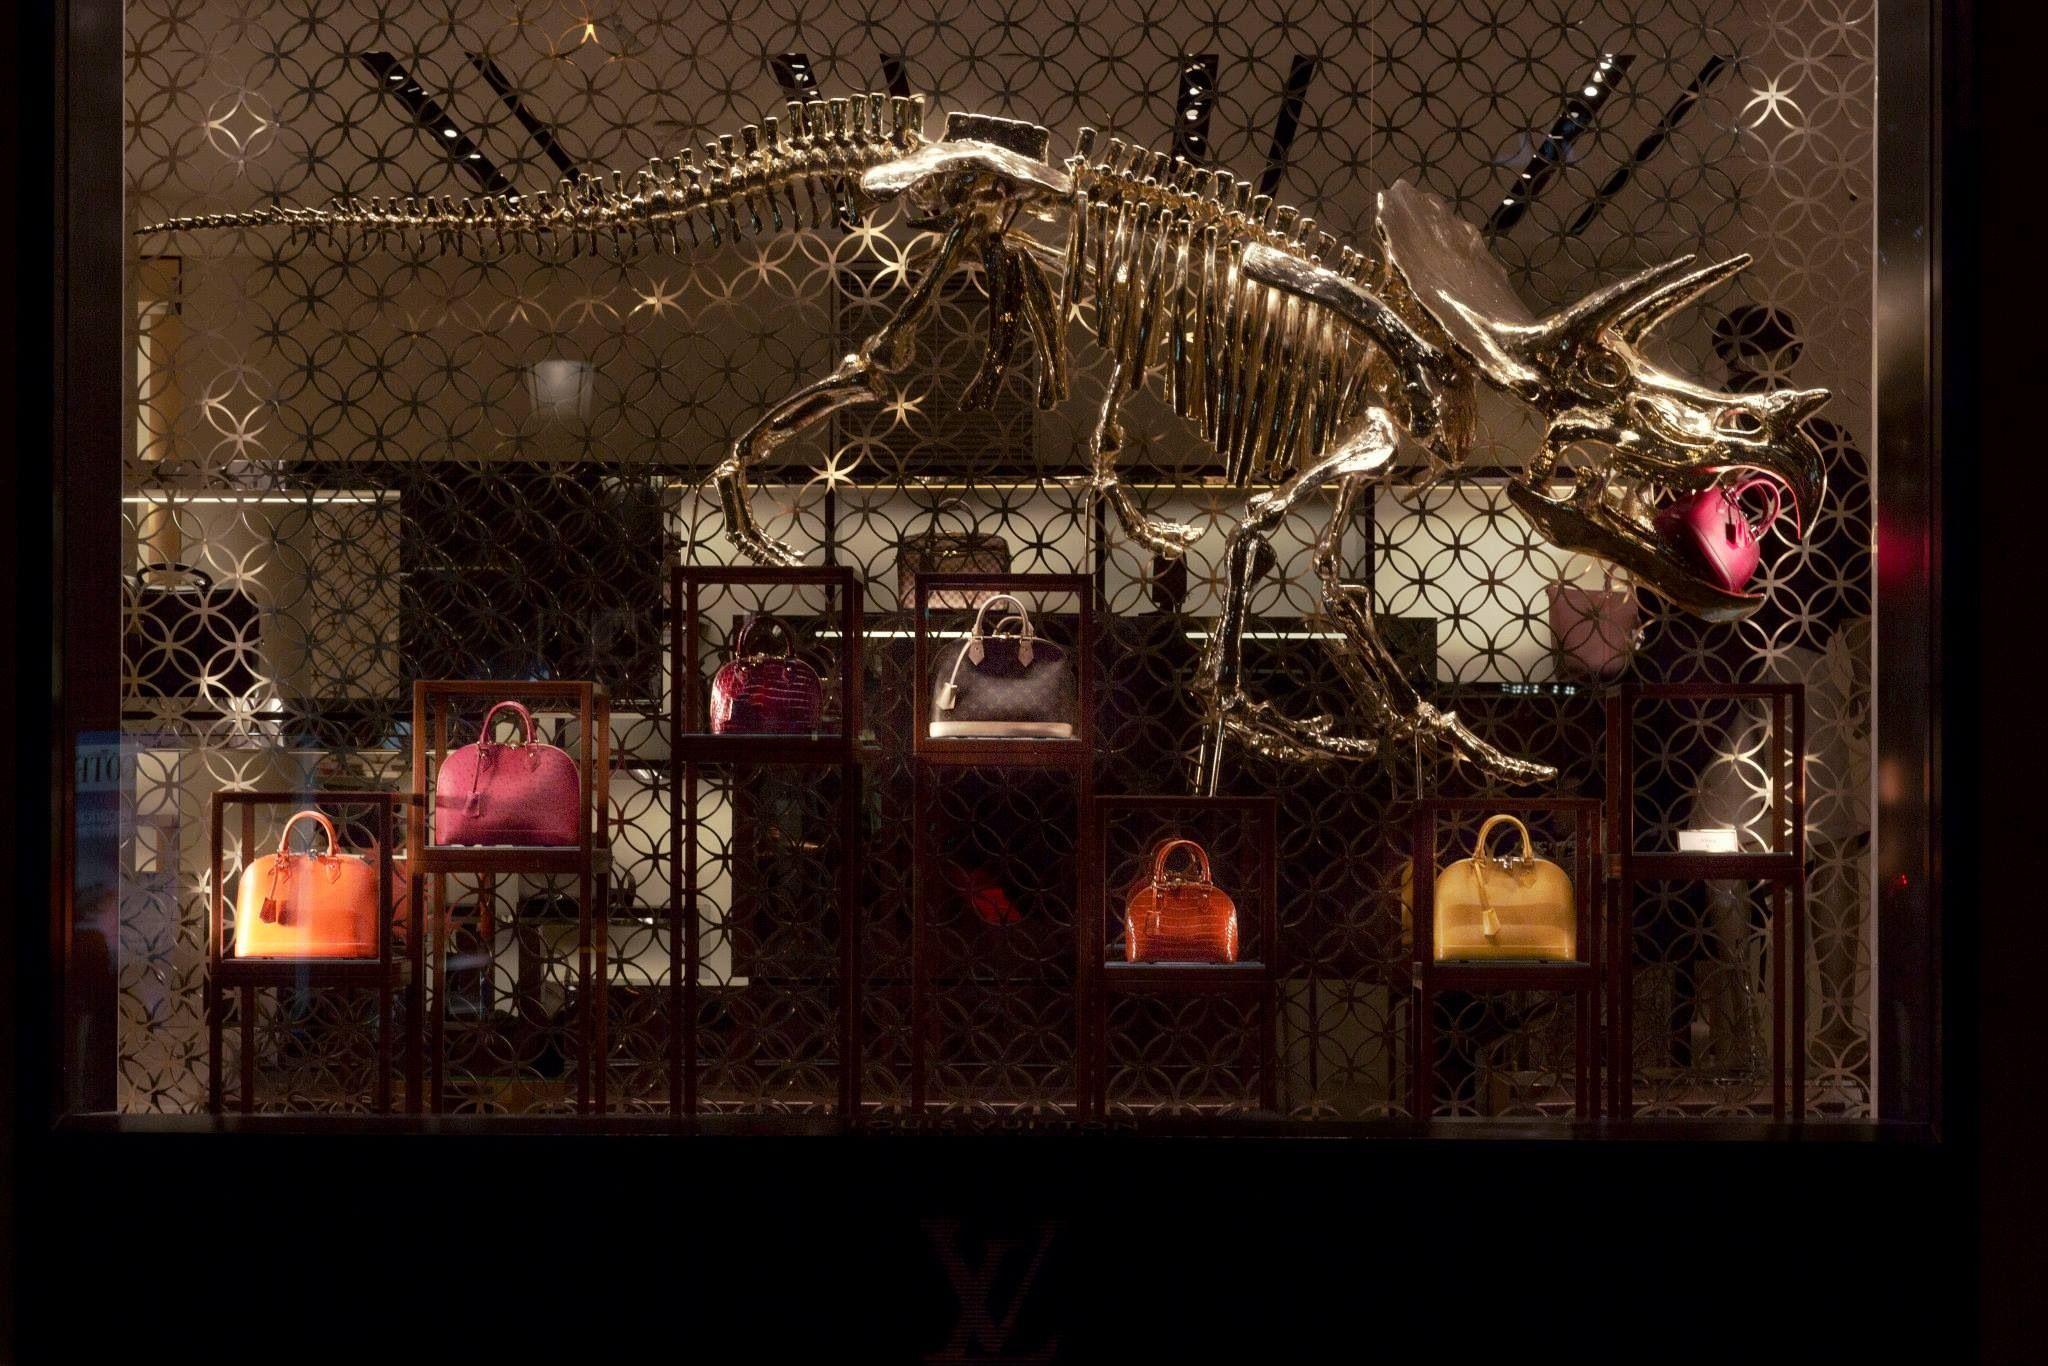 Louis Vuitton Dinosaur Windows at Champs-élysées store ...